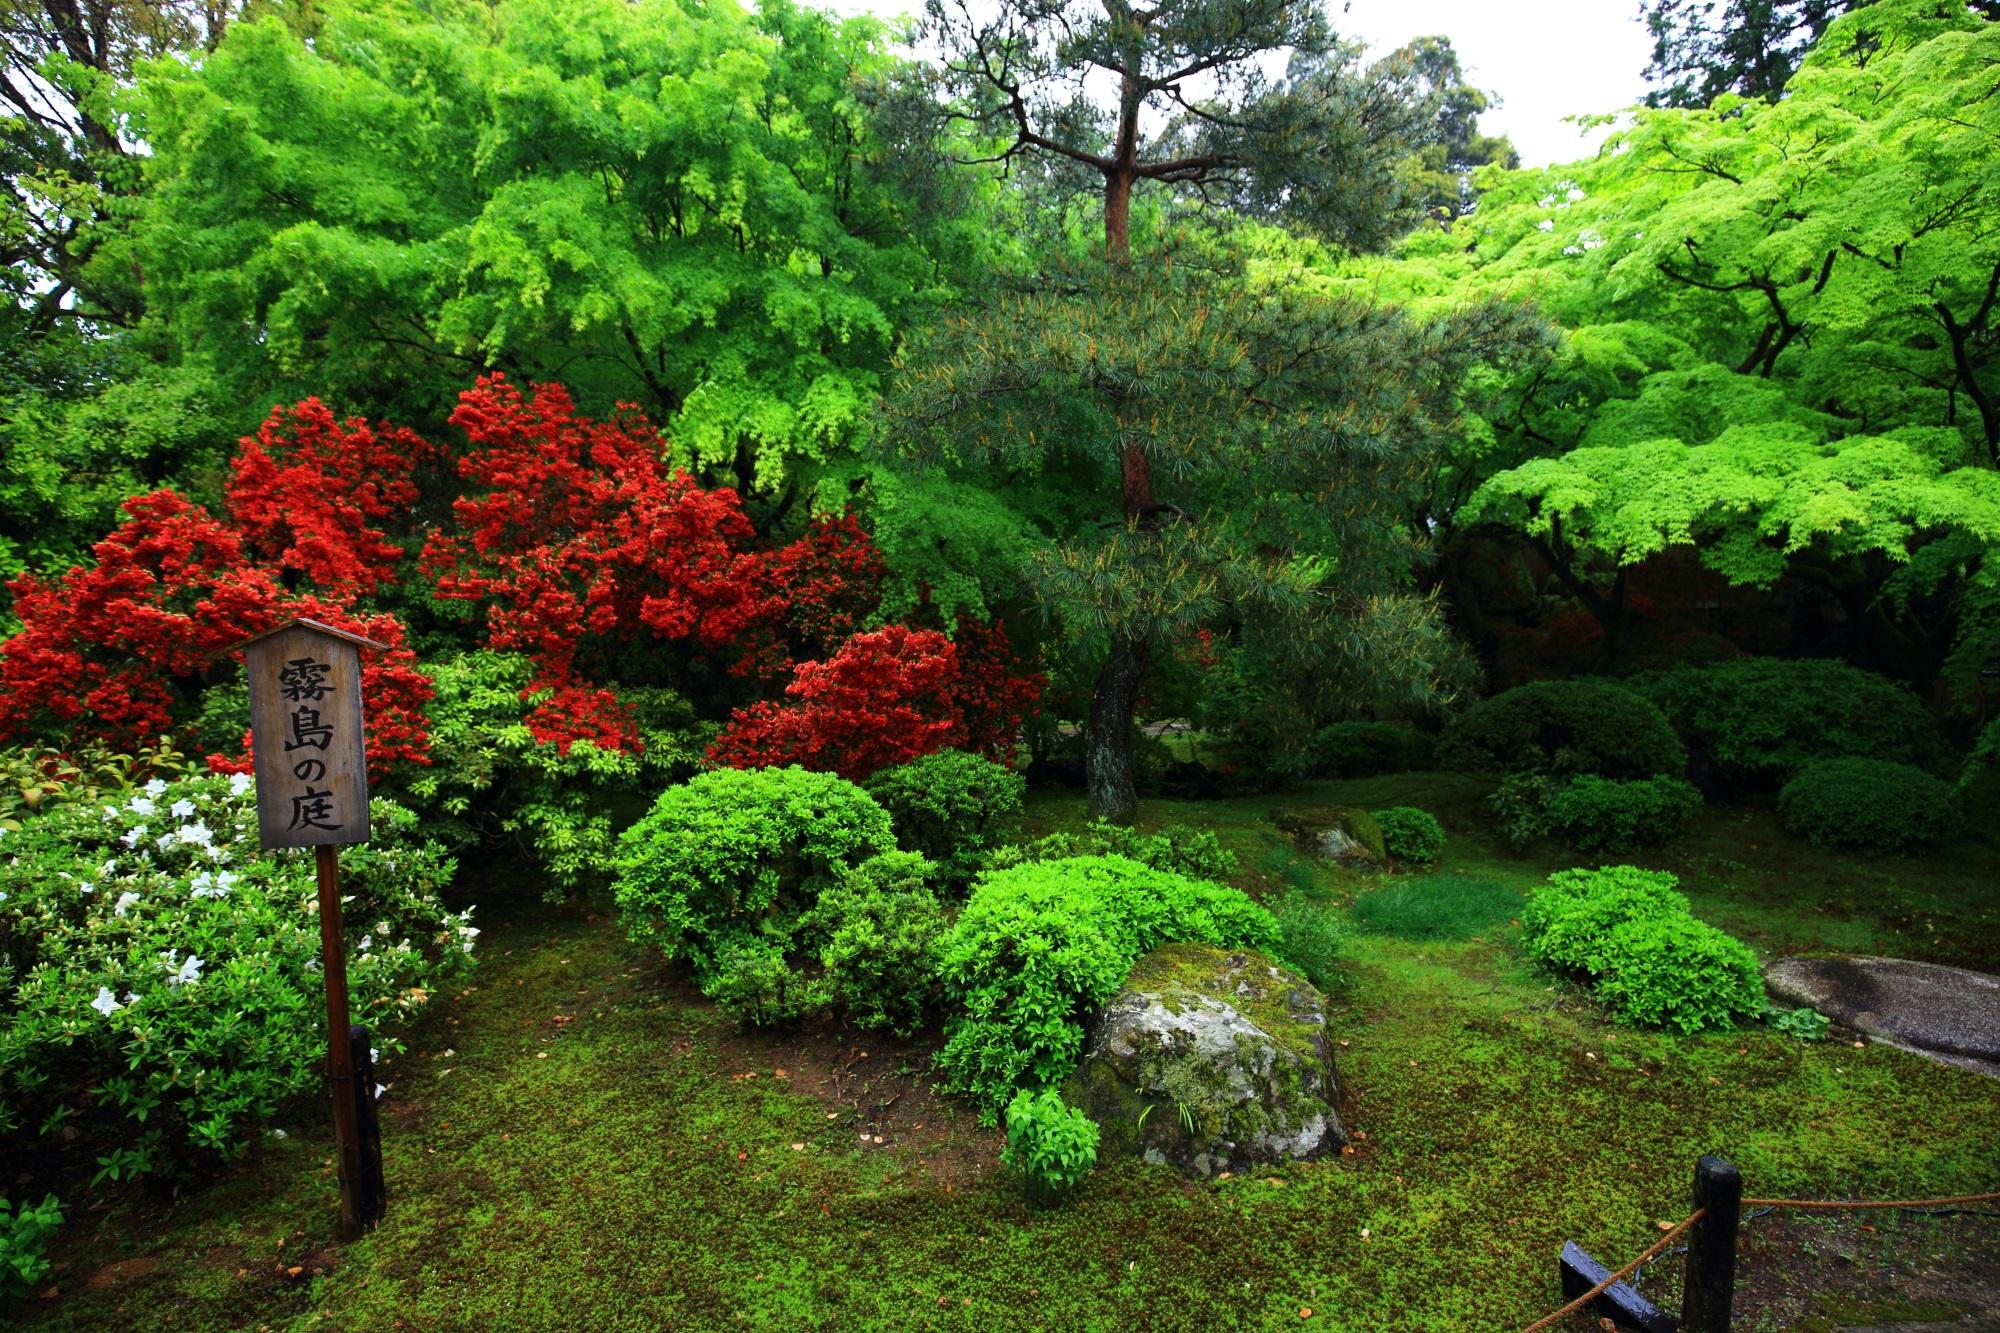 キリシマツツジがいっぱいなため「霧島の庭」と呼ばれる庭園